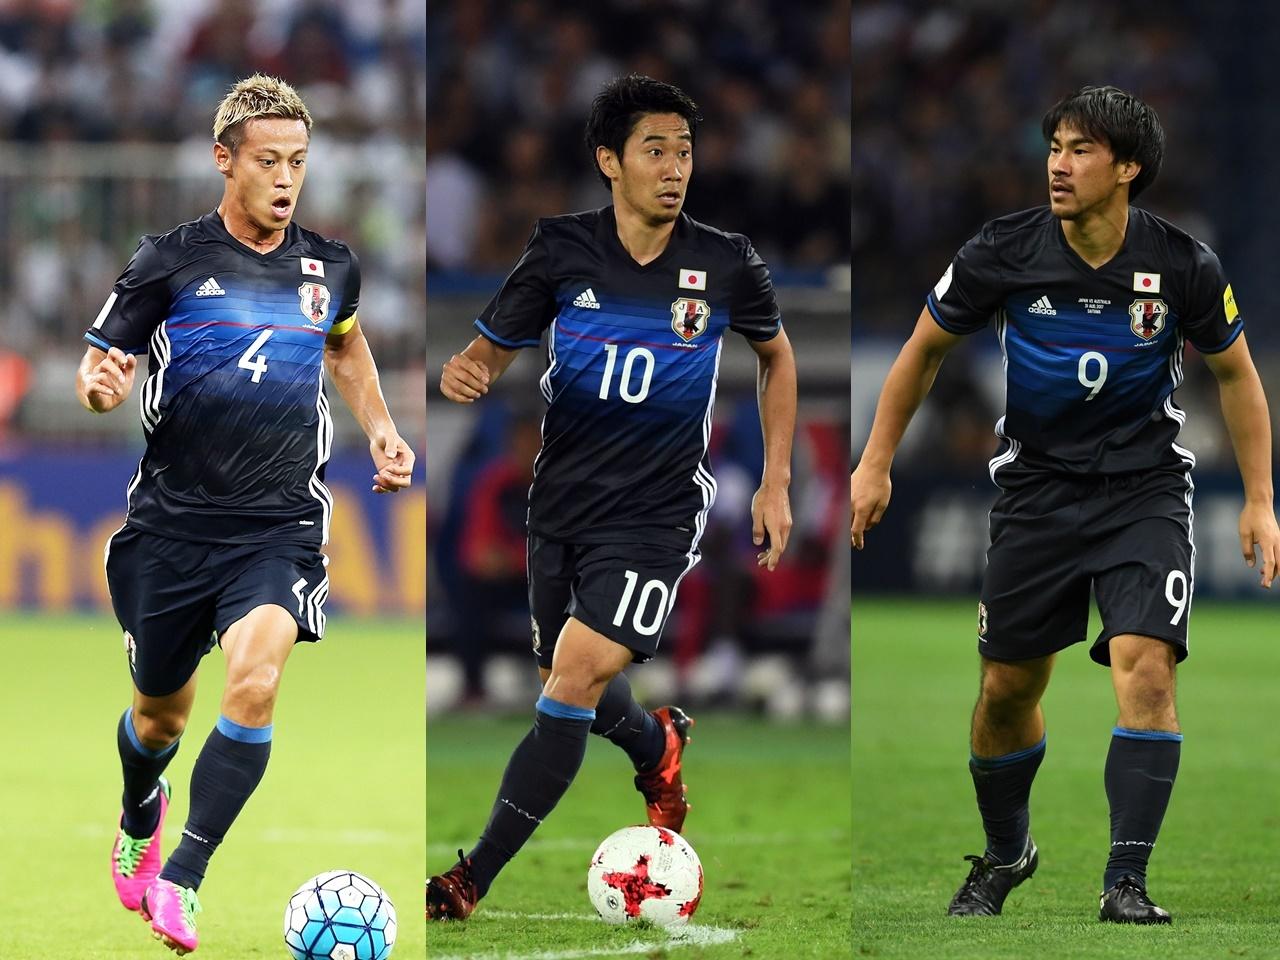 【サッカー】<日本代表>欧州遠征で本田、香川、岡崎が落選!wwwwwwwwのサムネイル画像